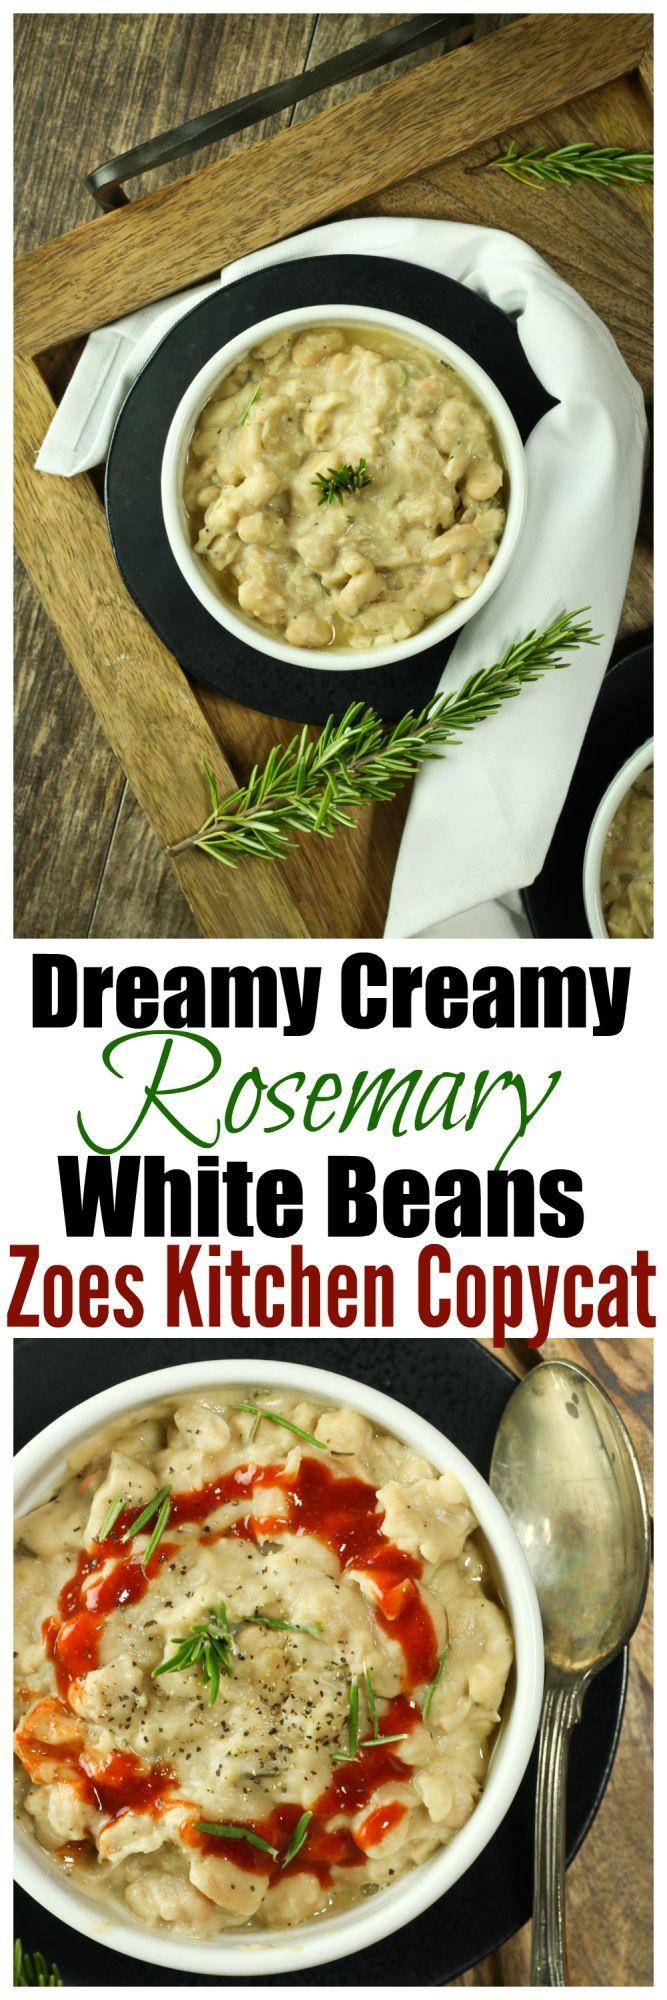 Vegan Smoky Rosemary White Beans Recipe Vegan Side